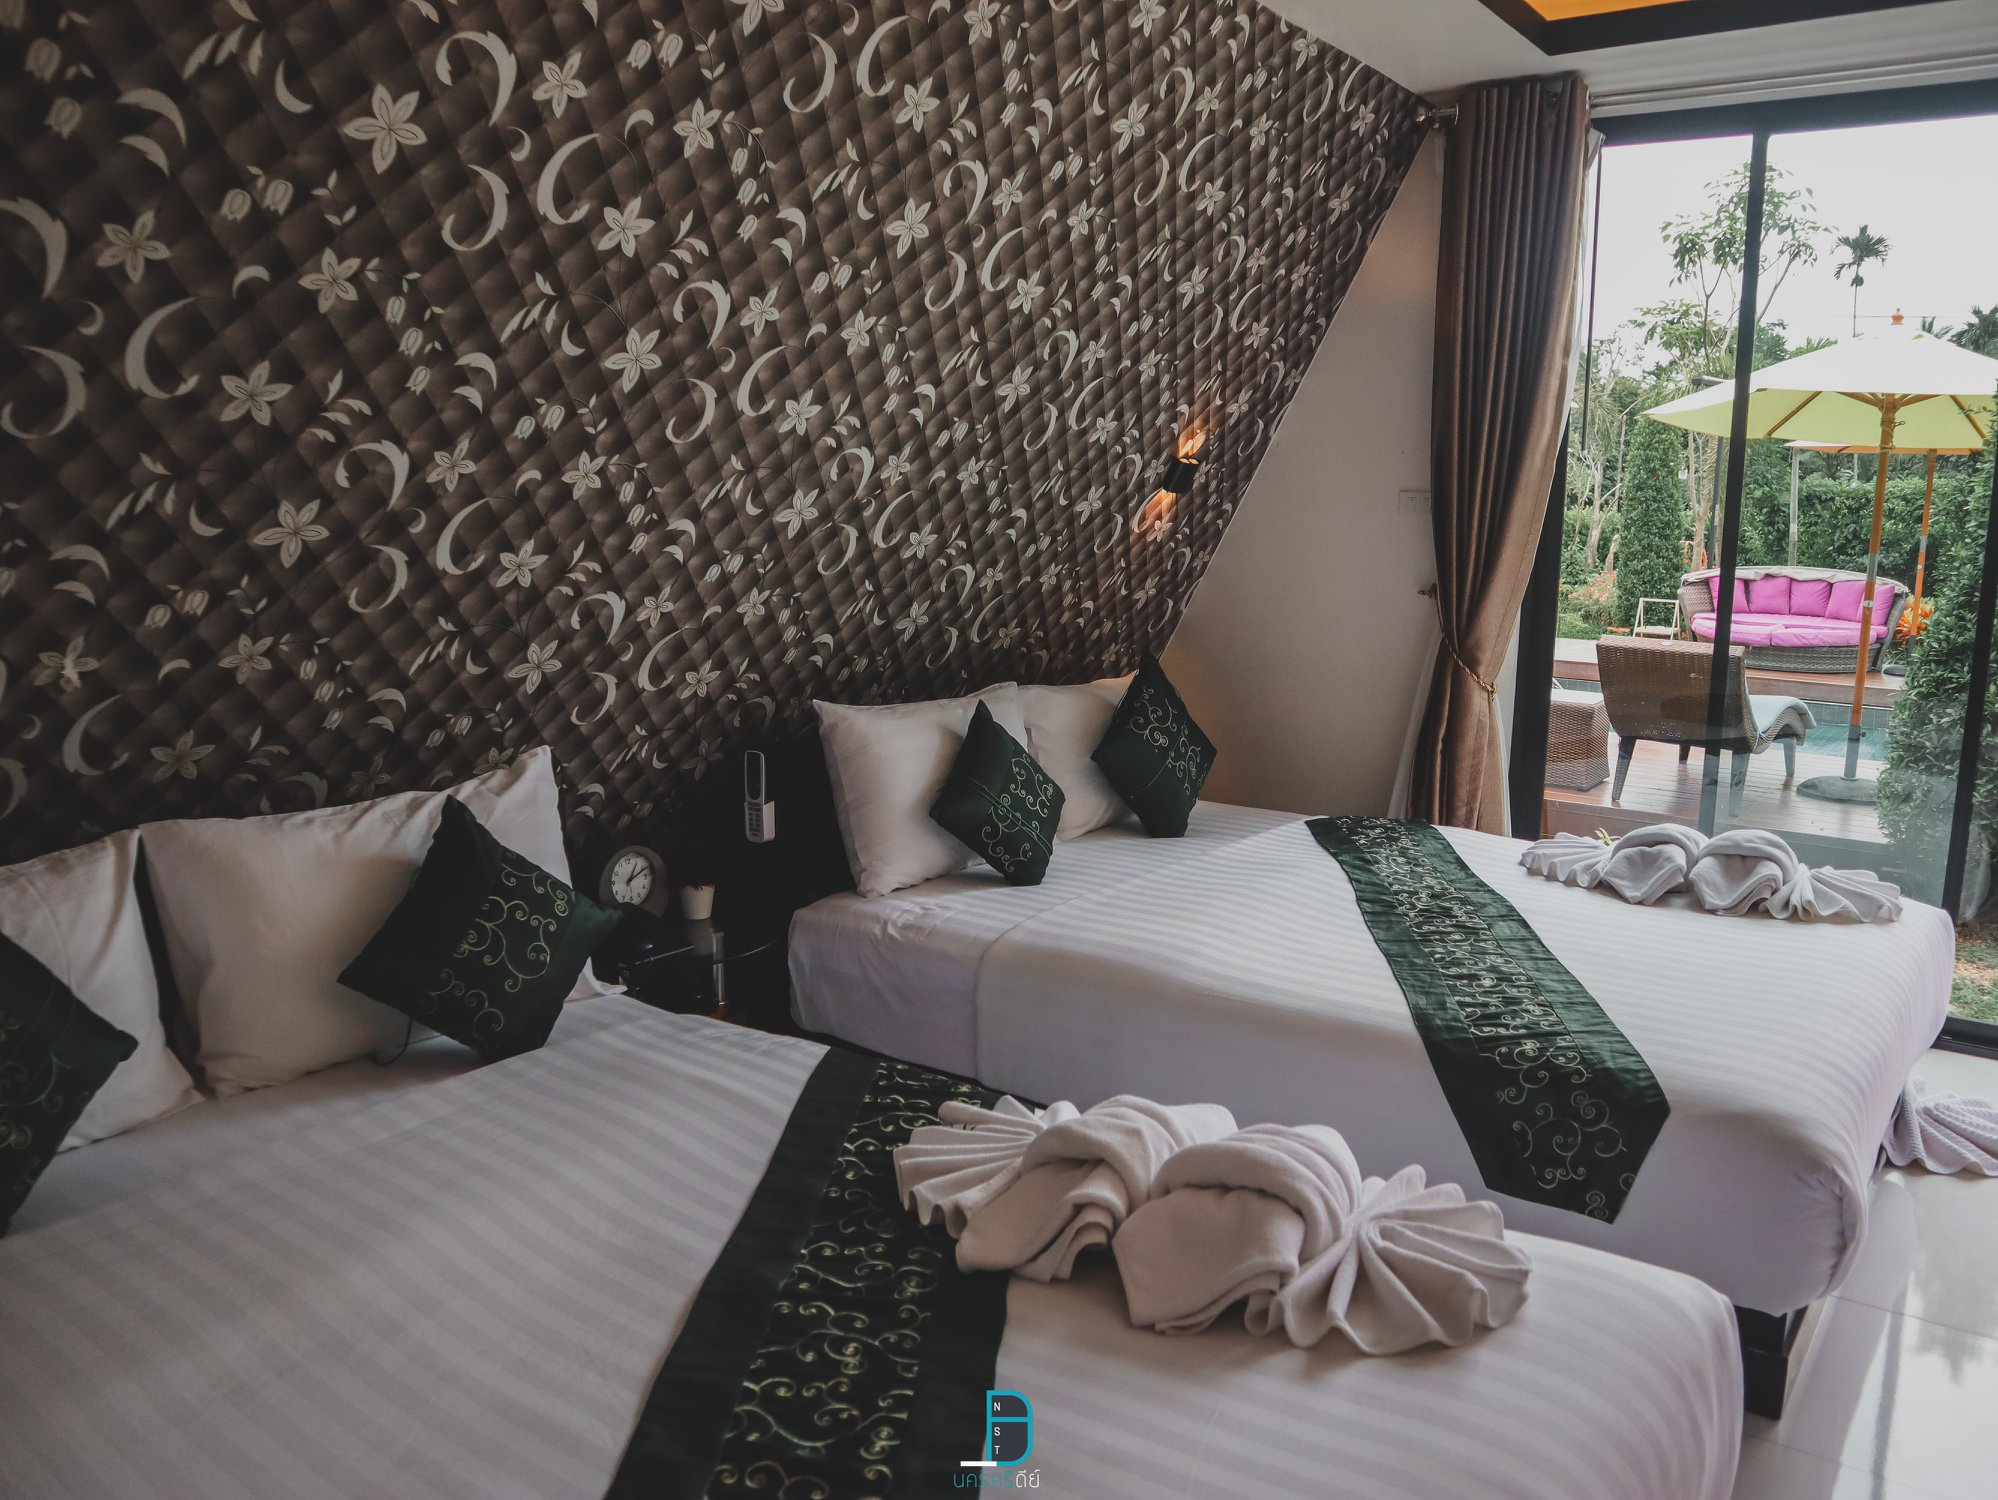 ห้องเตียงใหญ่-2-เตียง-เหมาะสำหรับ-4-ท่าน-จะมากับกลุ่มเพื่อนหรือครอบครัวก็ฟินน สุภานันท์,รีสอร์ท,ที่พัก,วิวหลักล้าน,คาเฟ่,โรงแรมมีสระว่ายน้ำ,สวยงาม,poolvilla